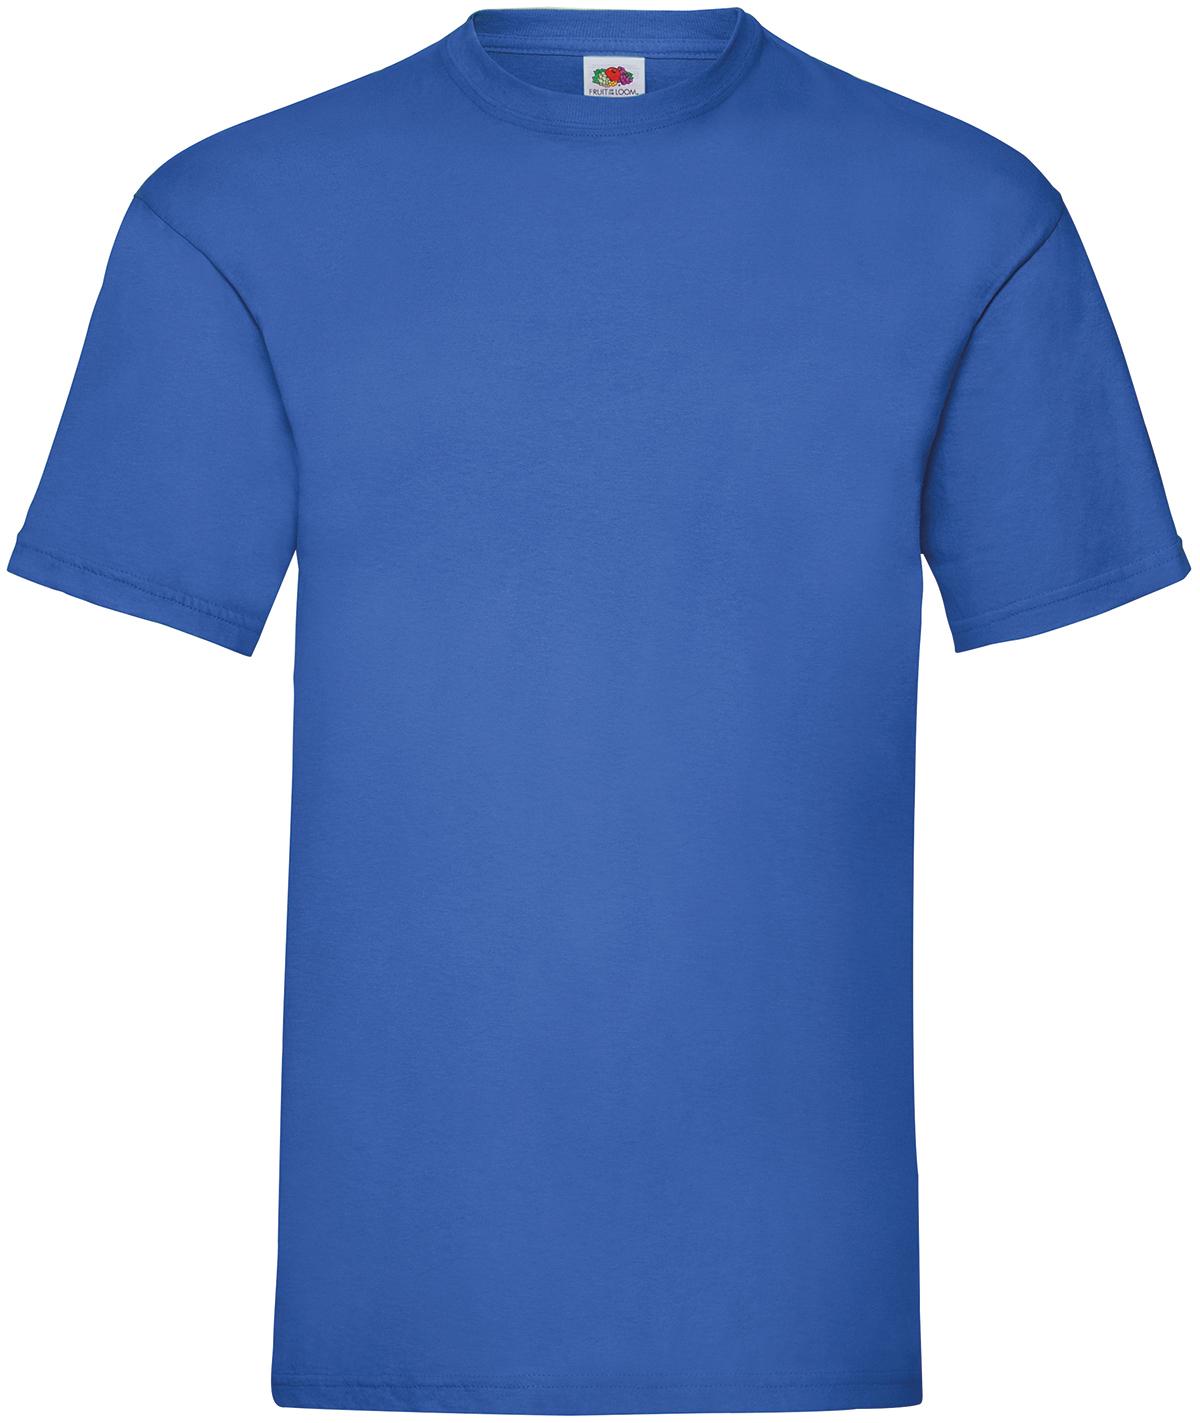 Indexbild 28 - Fruit of the Loom UNISEX T-Shirt Bestseller Top Angebot Herren Damen NEU